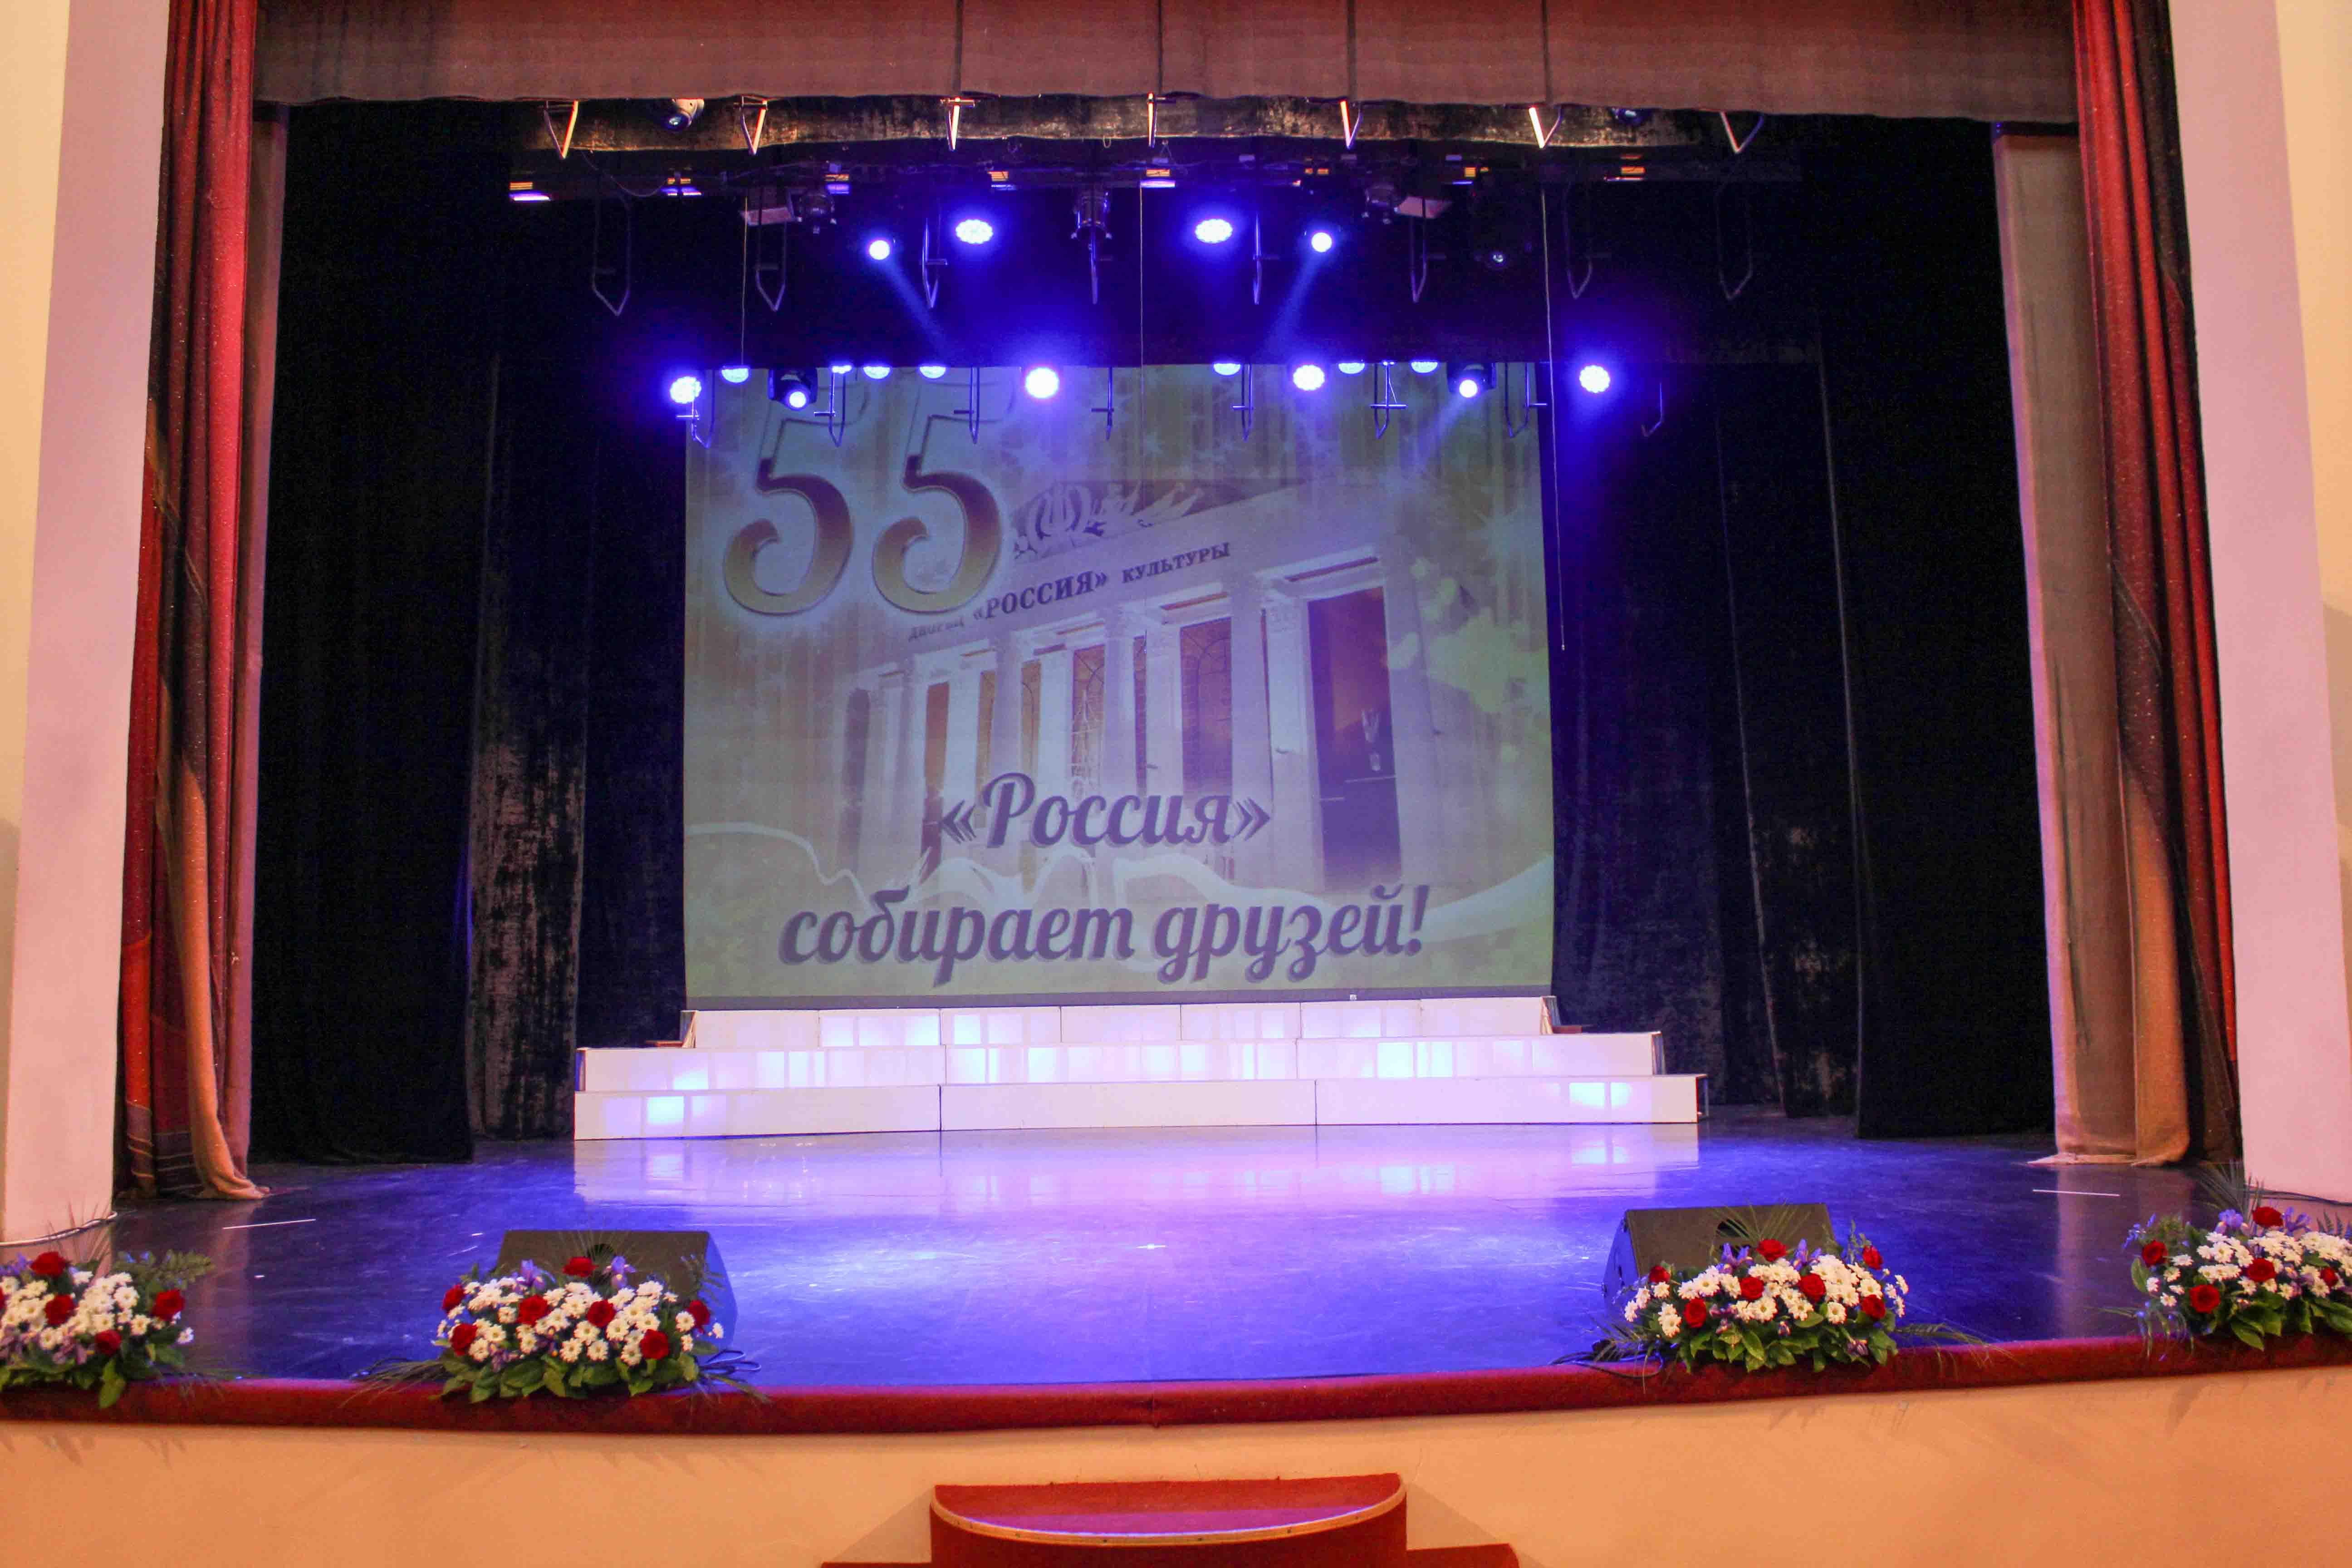 Юбилейное торжество в ДК «Россия» в честь 55- летия!